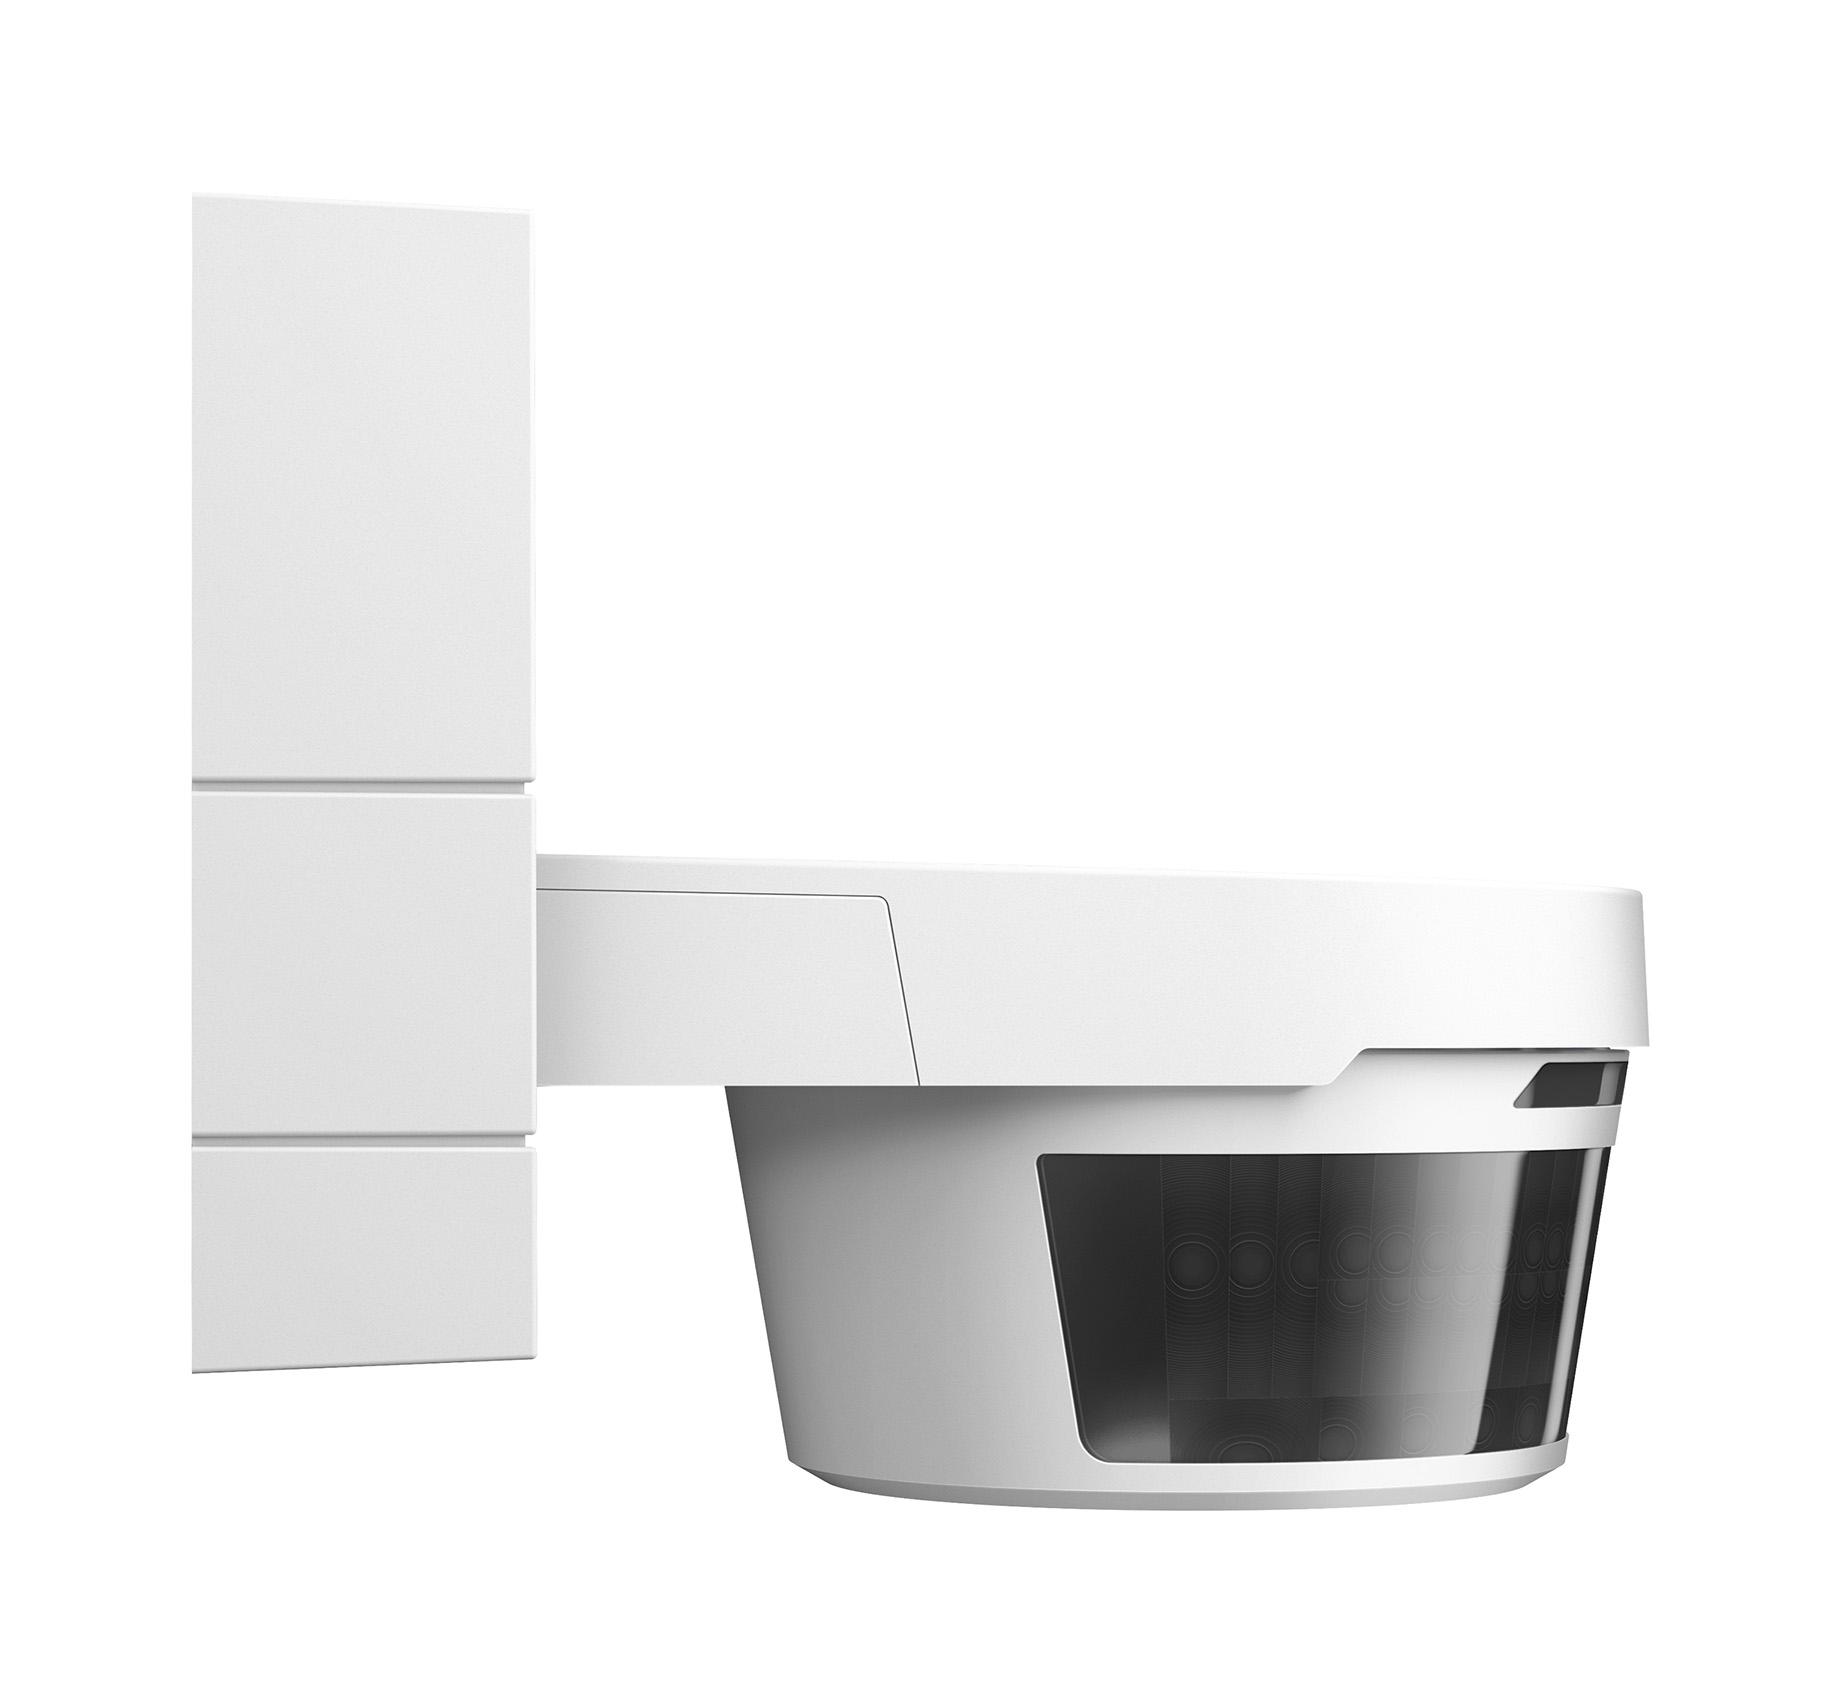 busch w chter 90 professionalline und busch w chter 220. Black Bedroom Furniture Sets. Home Design Ideas